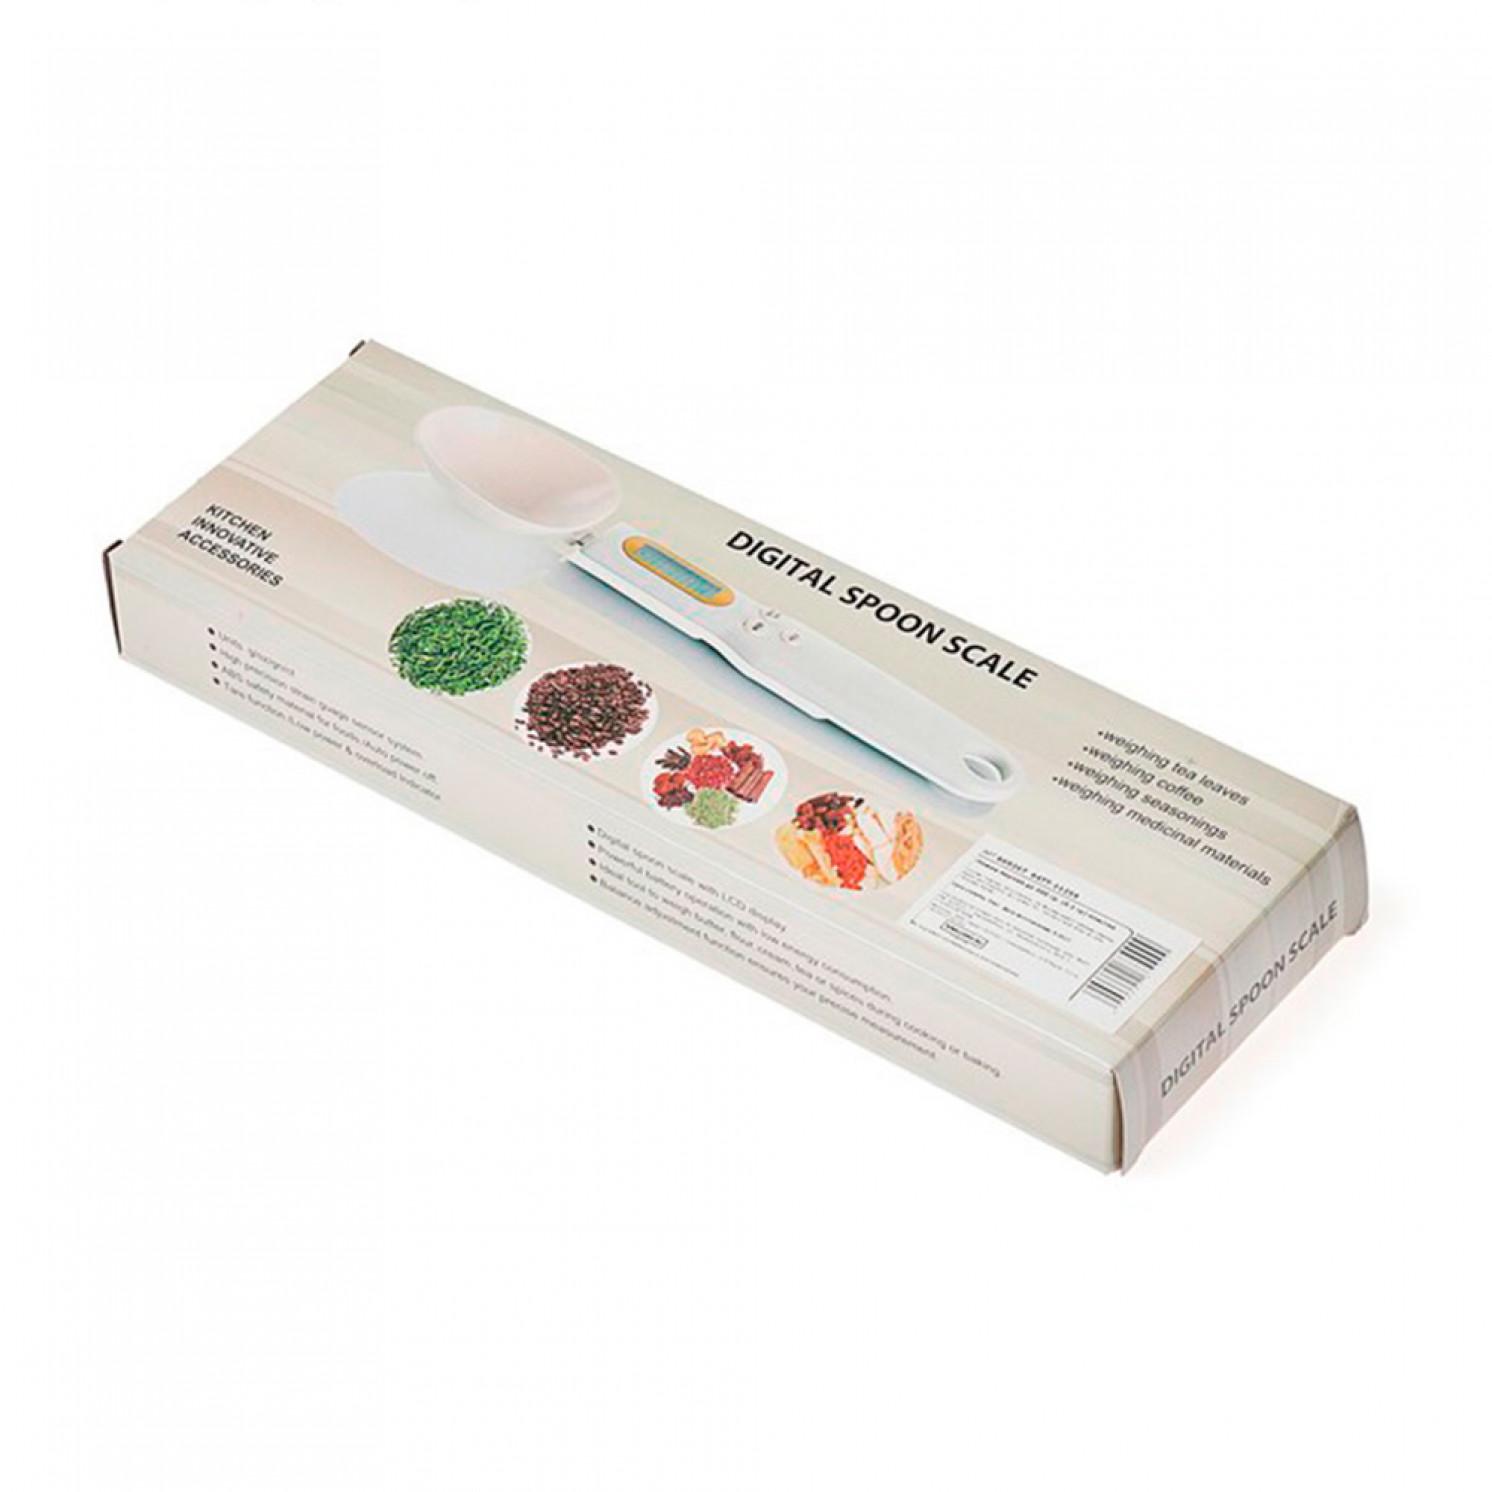 Весы кухонные LuazON LV-507, электронные, до 0.5 кг, чёрные